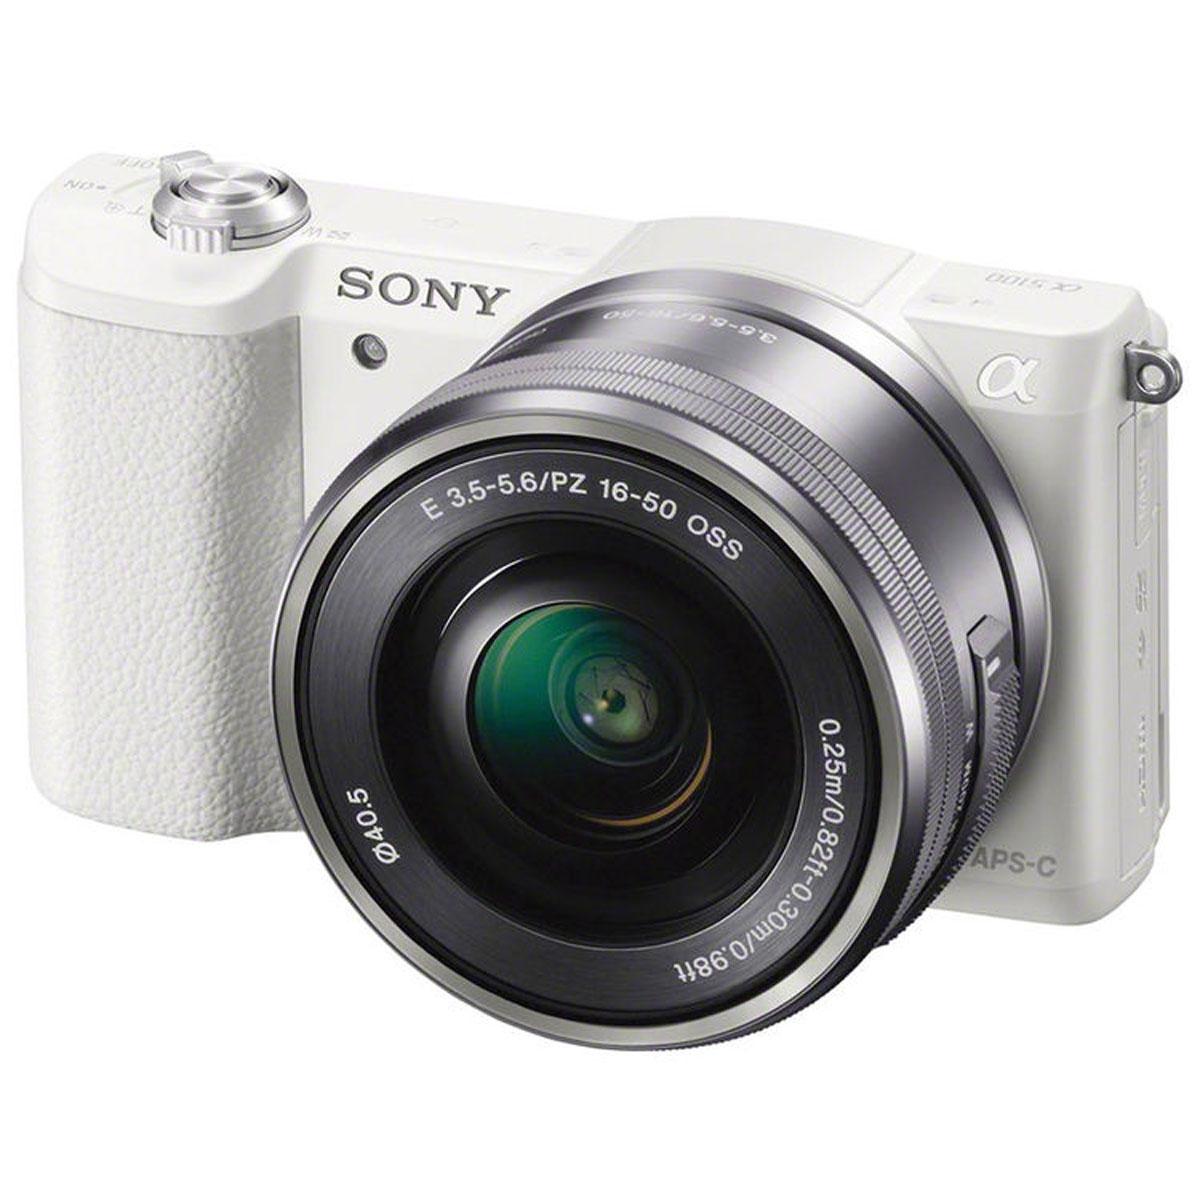 Sony Alpha A5100 Kit 16-50mm E PZ, White цифровая фотокамераILCE5100LW.CECSony Alpha A5100 - цифровая фотокамера со сменной оптикой для профессиональных результатов.Быстрый гибридный автофокус обеспечивает невероятную четкость и контрастность изображений и видео — вы не упустите ни одного кадра. Технология 4D FOCUS обеспечивает непревзойденную работу системы автофокуса в четырех измерениях: широкая зона охвата (2 измерения по горизонтали и вертикали), скорость работы автофокуса (3-е измерение, глубина) и следящий автофокус с упреждением (4-е измерение, время). Эта компактная камера с несколькими режимами автофокуса позволяет всегда получать потрясающие снимки. Следите за движущимися объектами, настраивайте размер кадра и получайте невероятно точную фокусировку.Совершенная матрица Exmor APS-C CMOS и усовершенствованный процессор изображений BIONZ XРазмещение интегральных линз без зазоров оптимизирует светосилу и минимальный уровень шума. Улучшенный процессор использует алгоритм понижения шума для фотографий при слабом освещении, с более естественными цветами и детализацией. Вам также доступна расширенная чувствительность для создания естественных фотографий при слабом освещении или в помещении без использования вспышки. Снимайте такие же потрясающие видео на A5100. Быстрый следящий автофокус, размытый задний план и звук высокого качества прилагаются.Поддержка Wi-Fi и NFC упрощает процесс передачи фотографий и видео на телевизор с поддержкой NFC, а также на телефоны и планшеты Android — никакой сложной установки не потребуется. Выбирайте десятки уникальных приложений для съемки, обработки и передачи фотографий — от Smart Remote Control до Direct Upload.Формат кадра: 3:2, 16:9